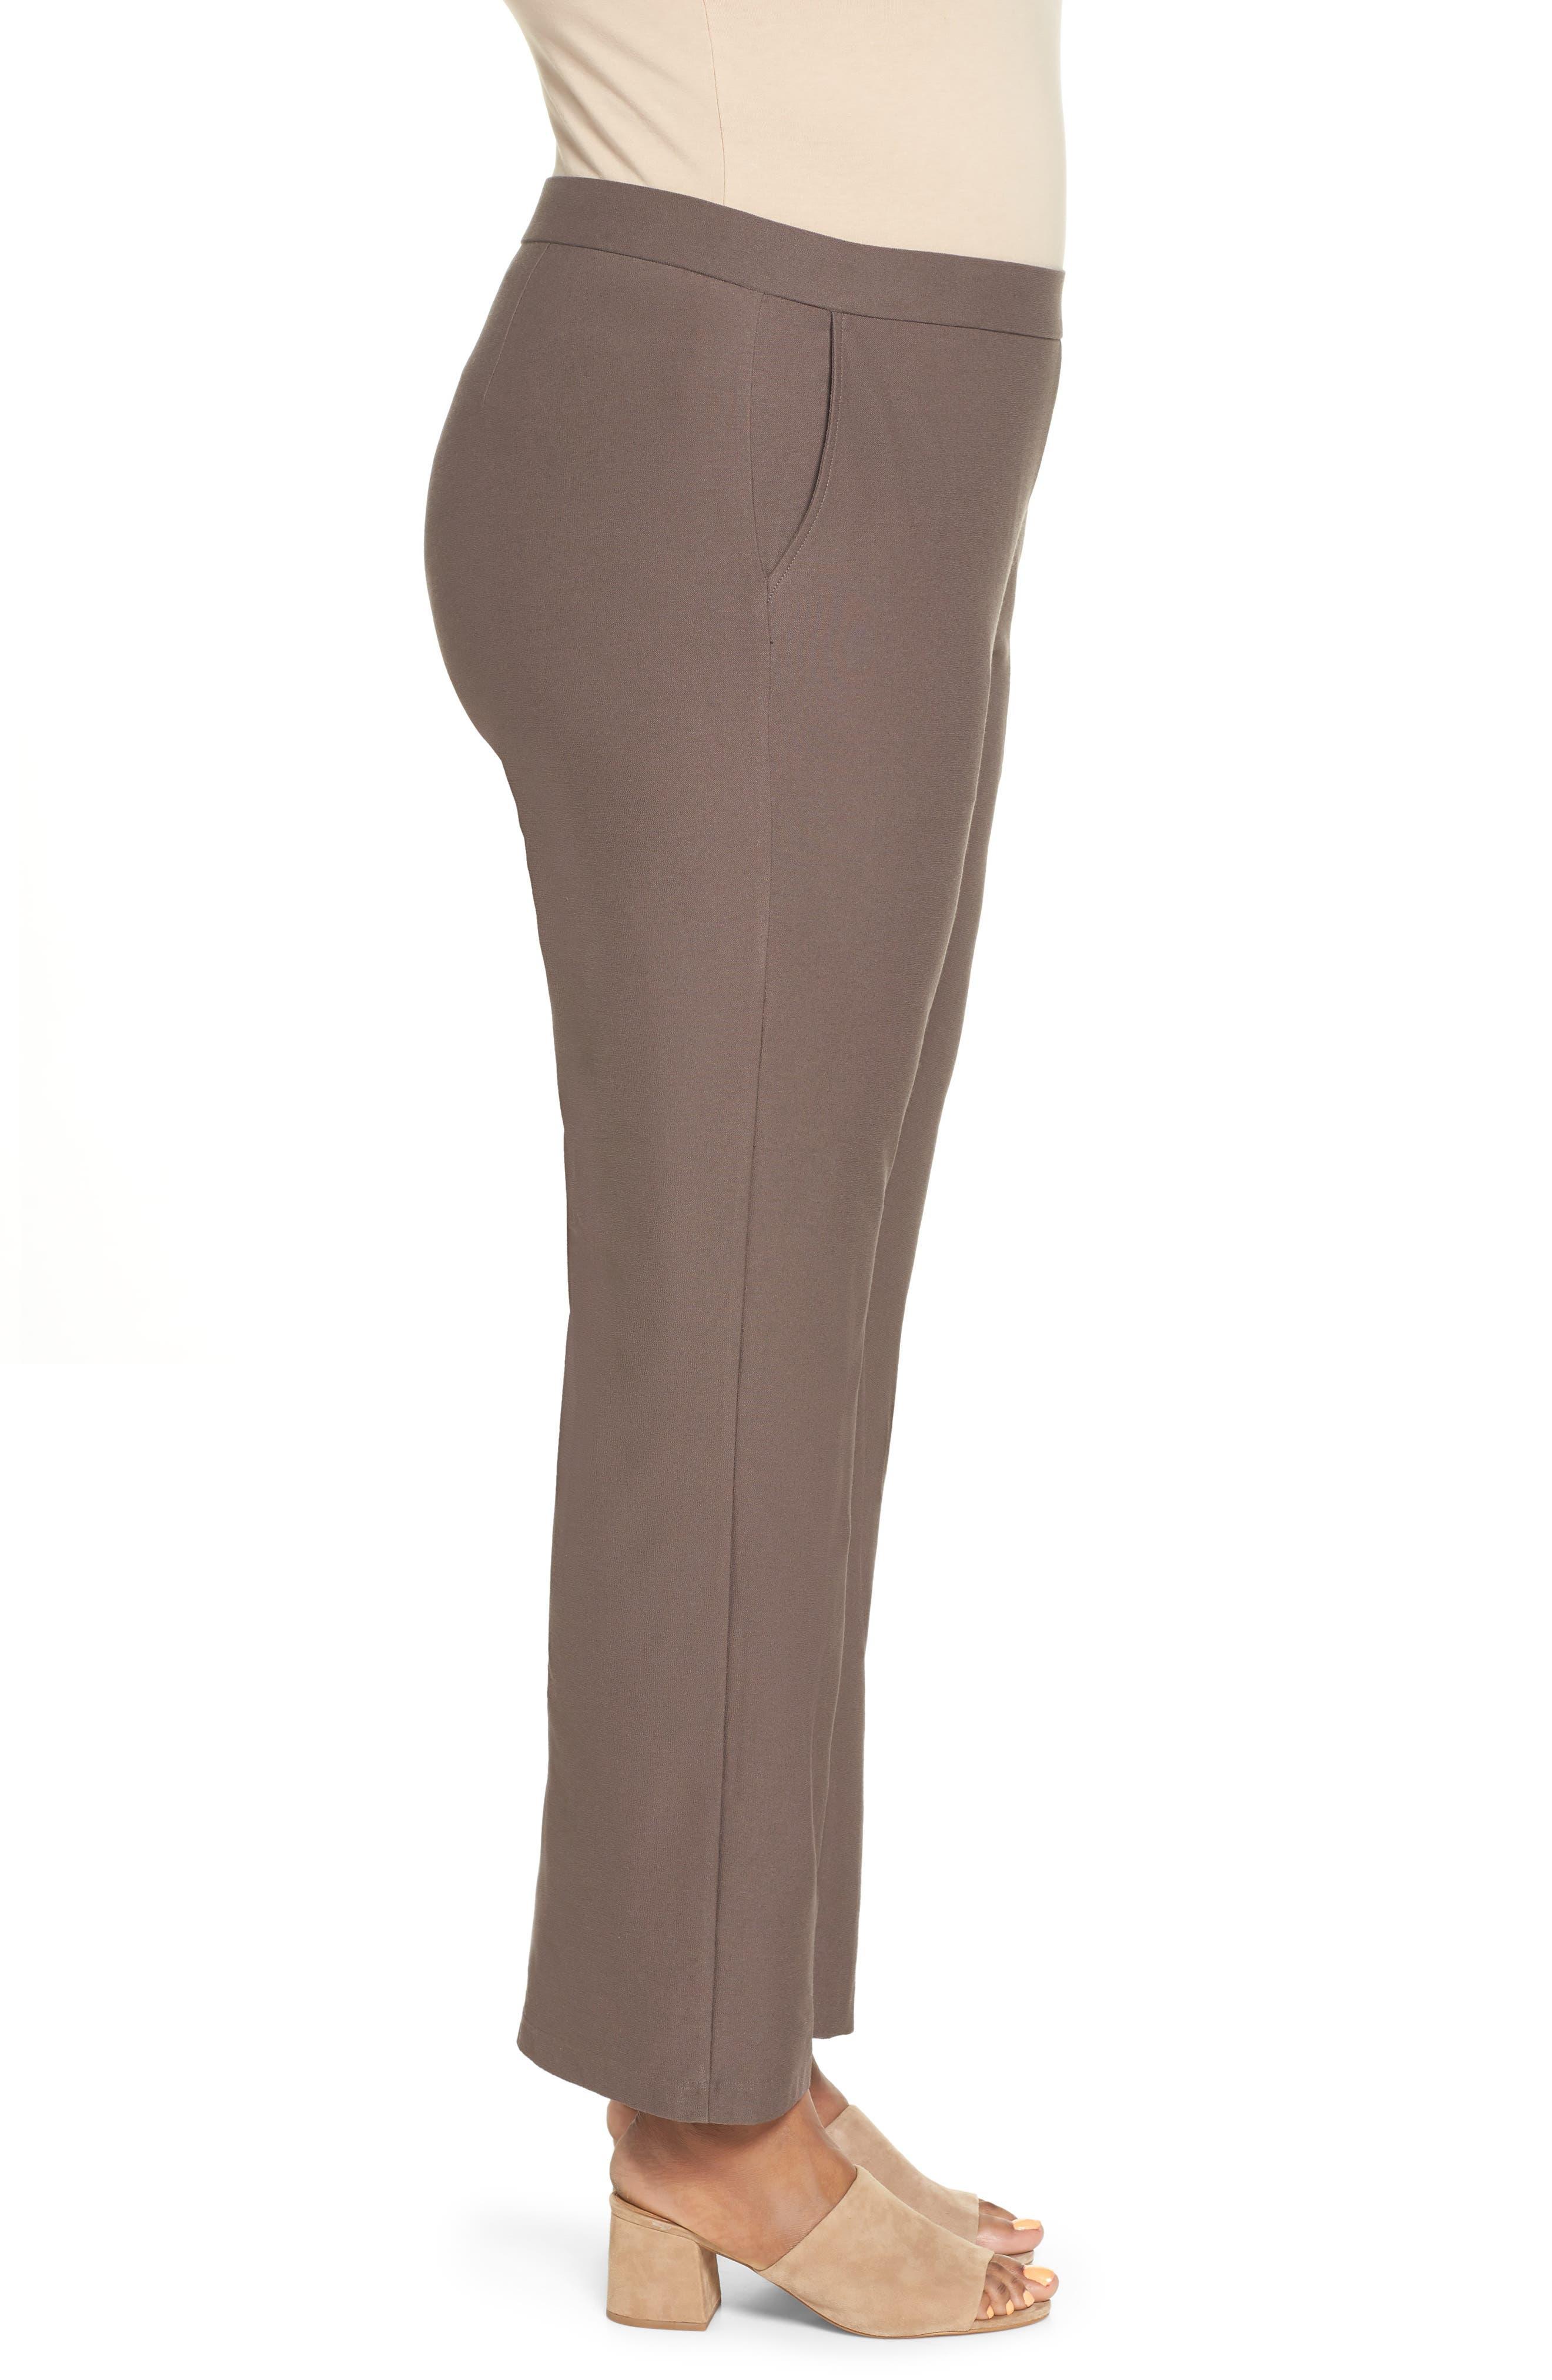 High Rise Straight Leg Knit Pants,                             Alternate thumbnail 3, color,                             273